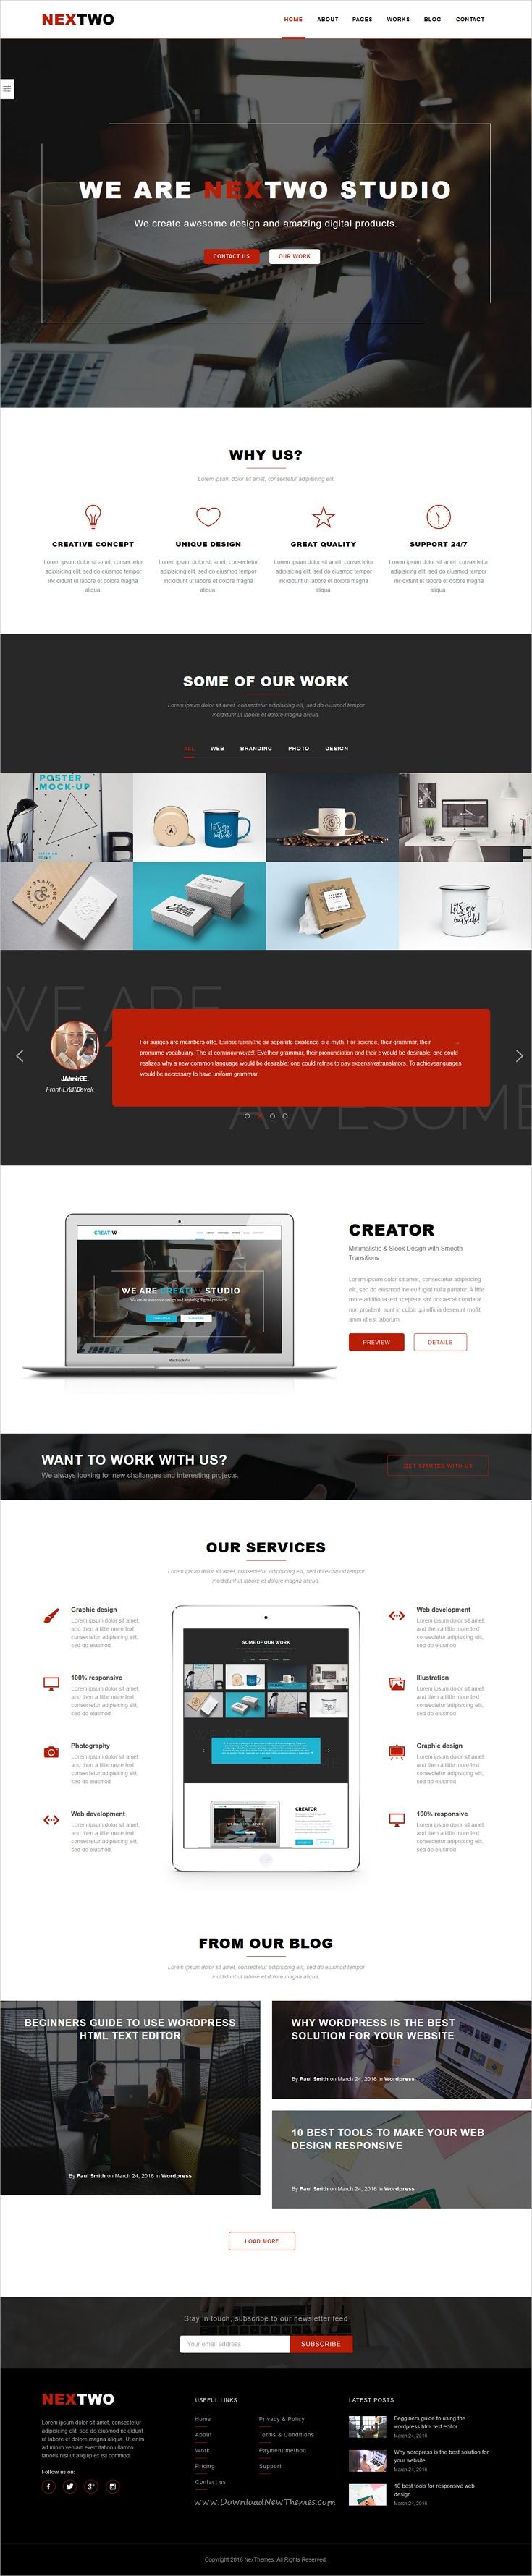 Großartig Bootstrap Vorlagen Wordpress Bilder - Entry Level Resume ...